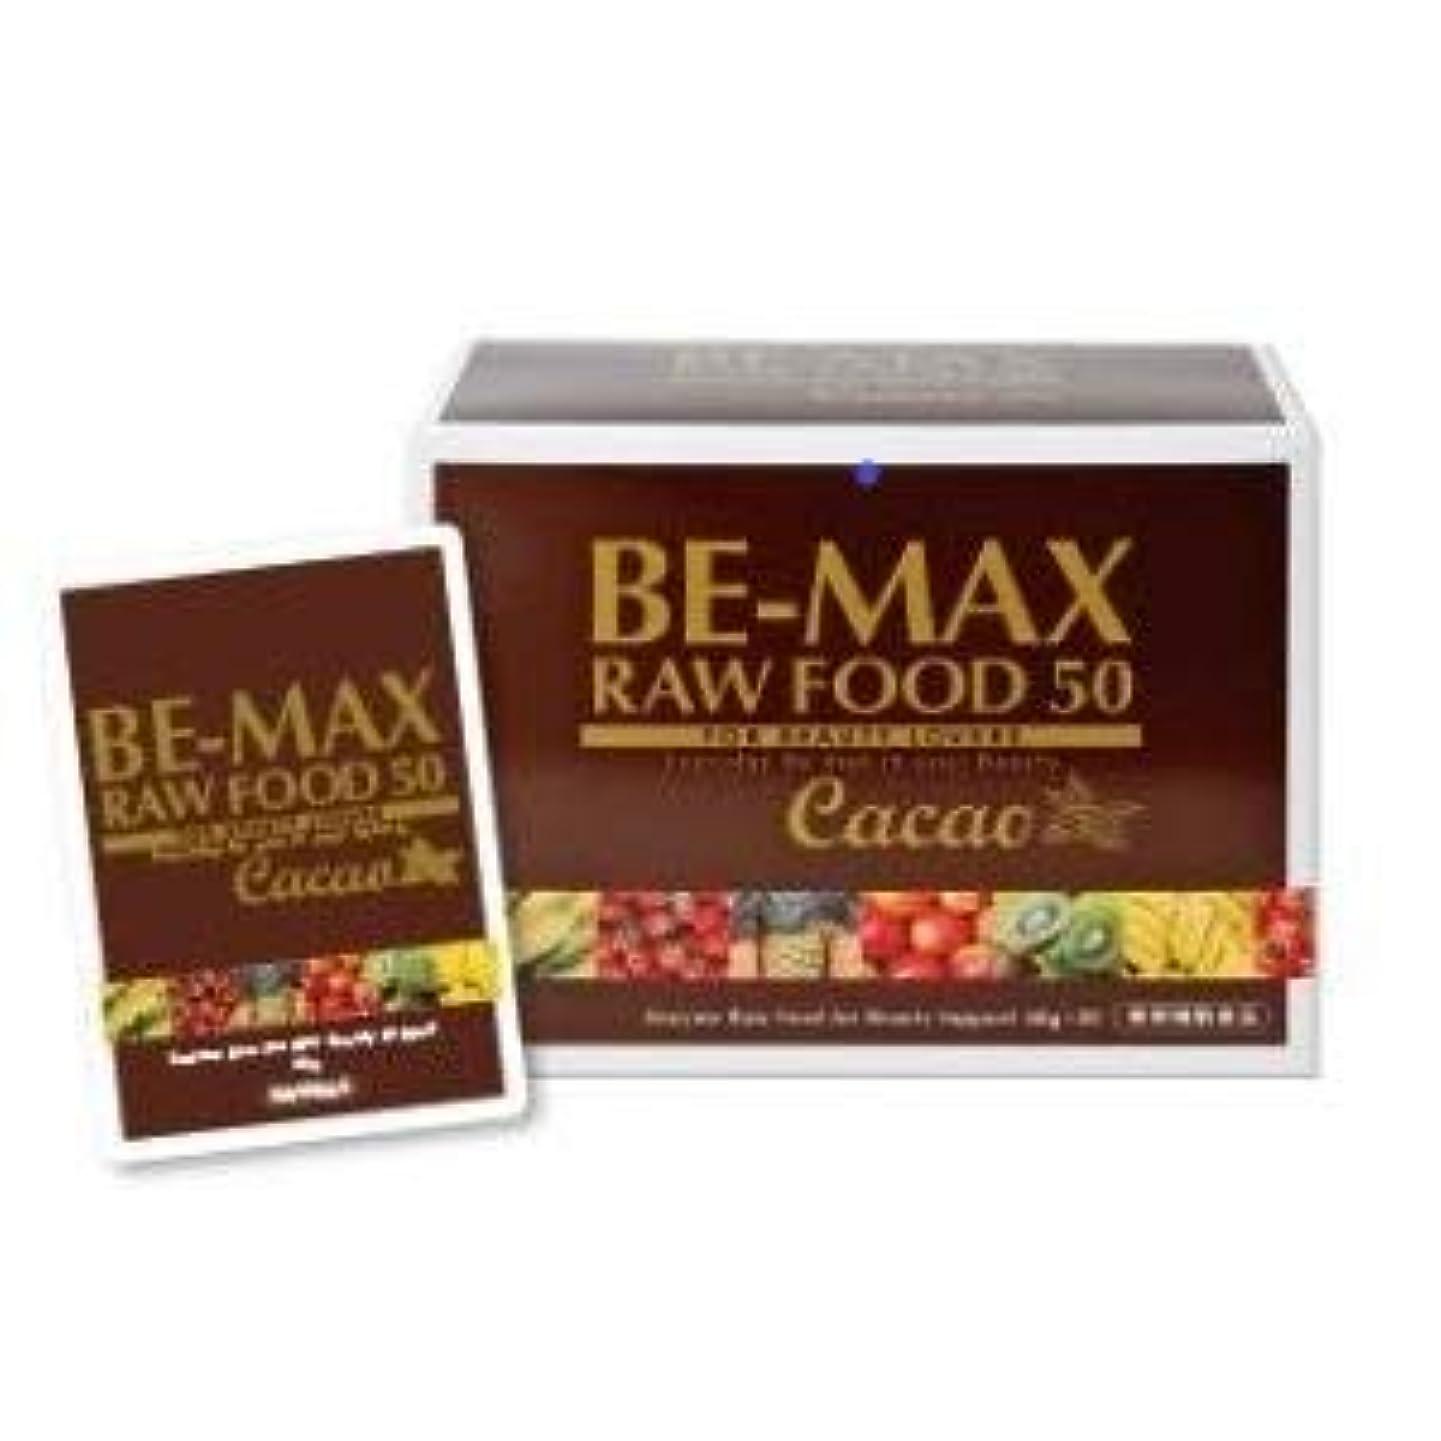 精通した不十分サッカーBE-MAX RAW FOOD 50 Cacao ローフード 50 カカオ